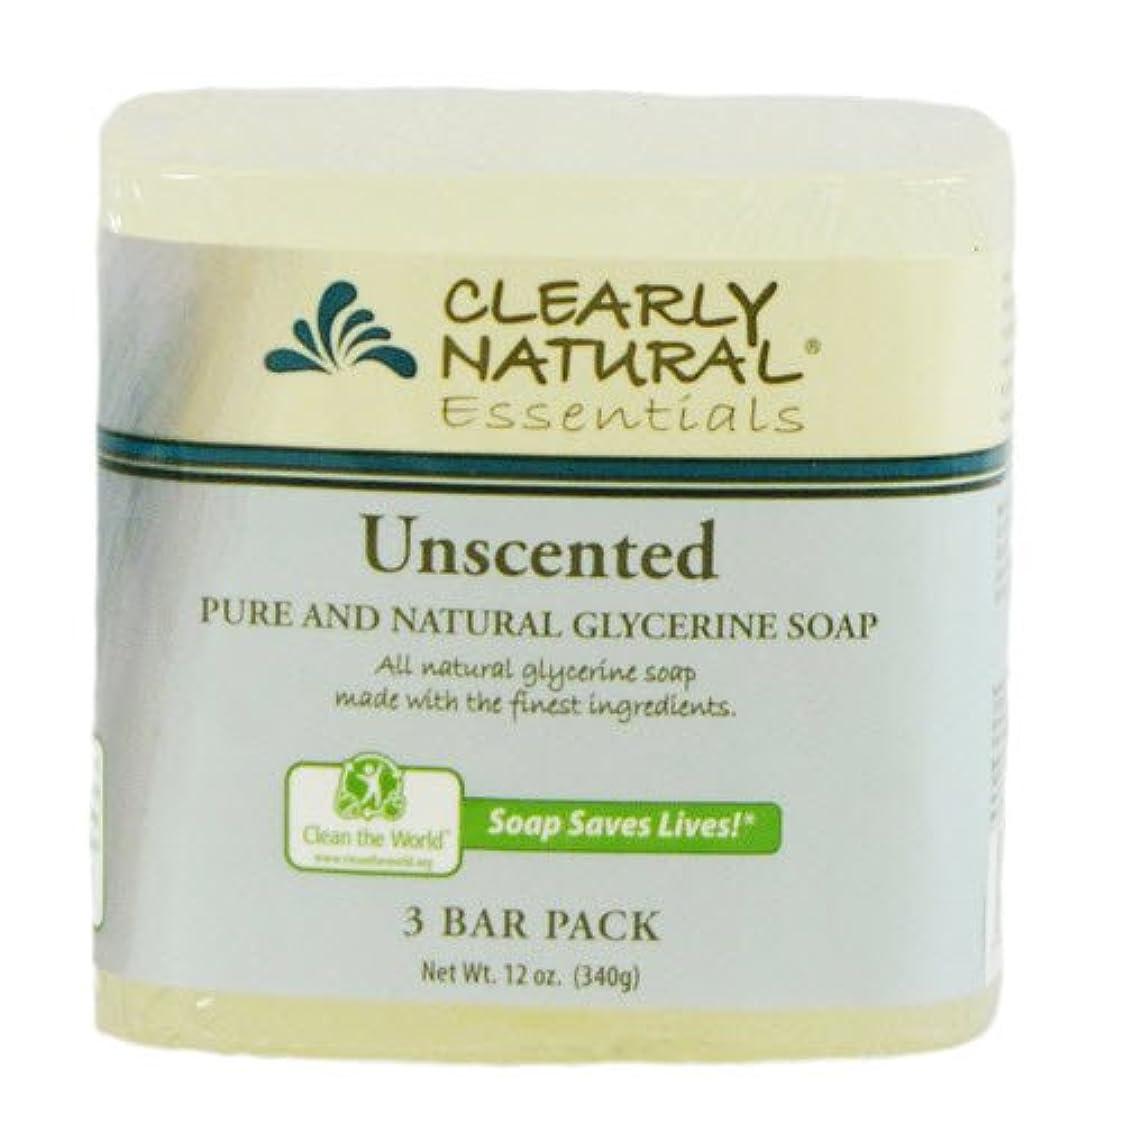 内なるコマンドシュリンクClearly Natural, Pure and Natural Glycerine Soap, Unscented, 3 Bar Pack, 4 oz Each